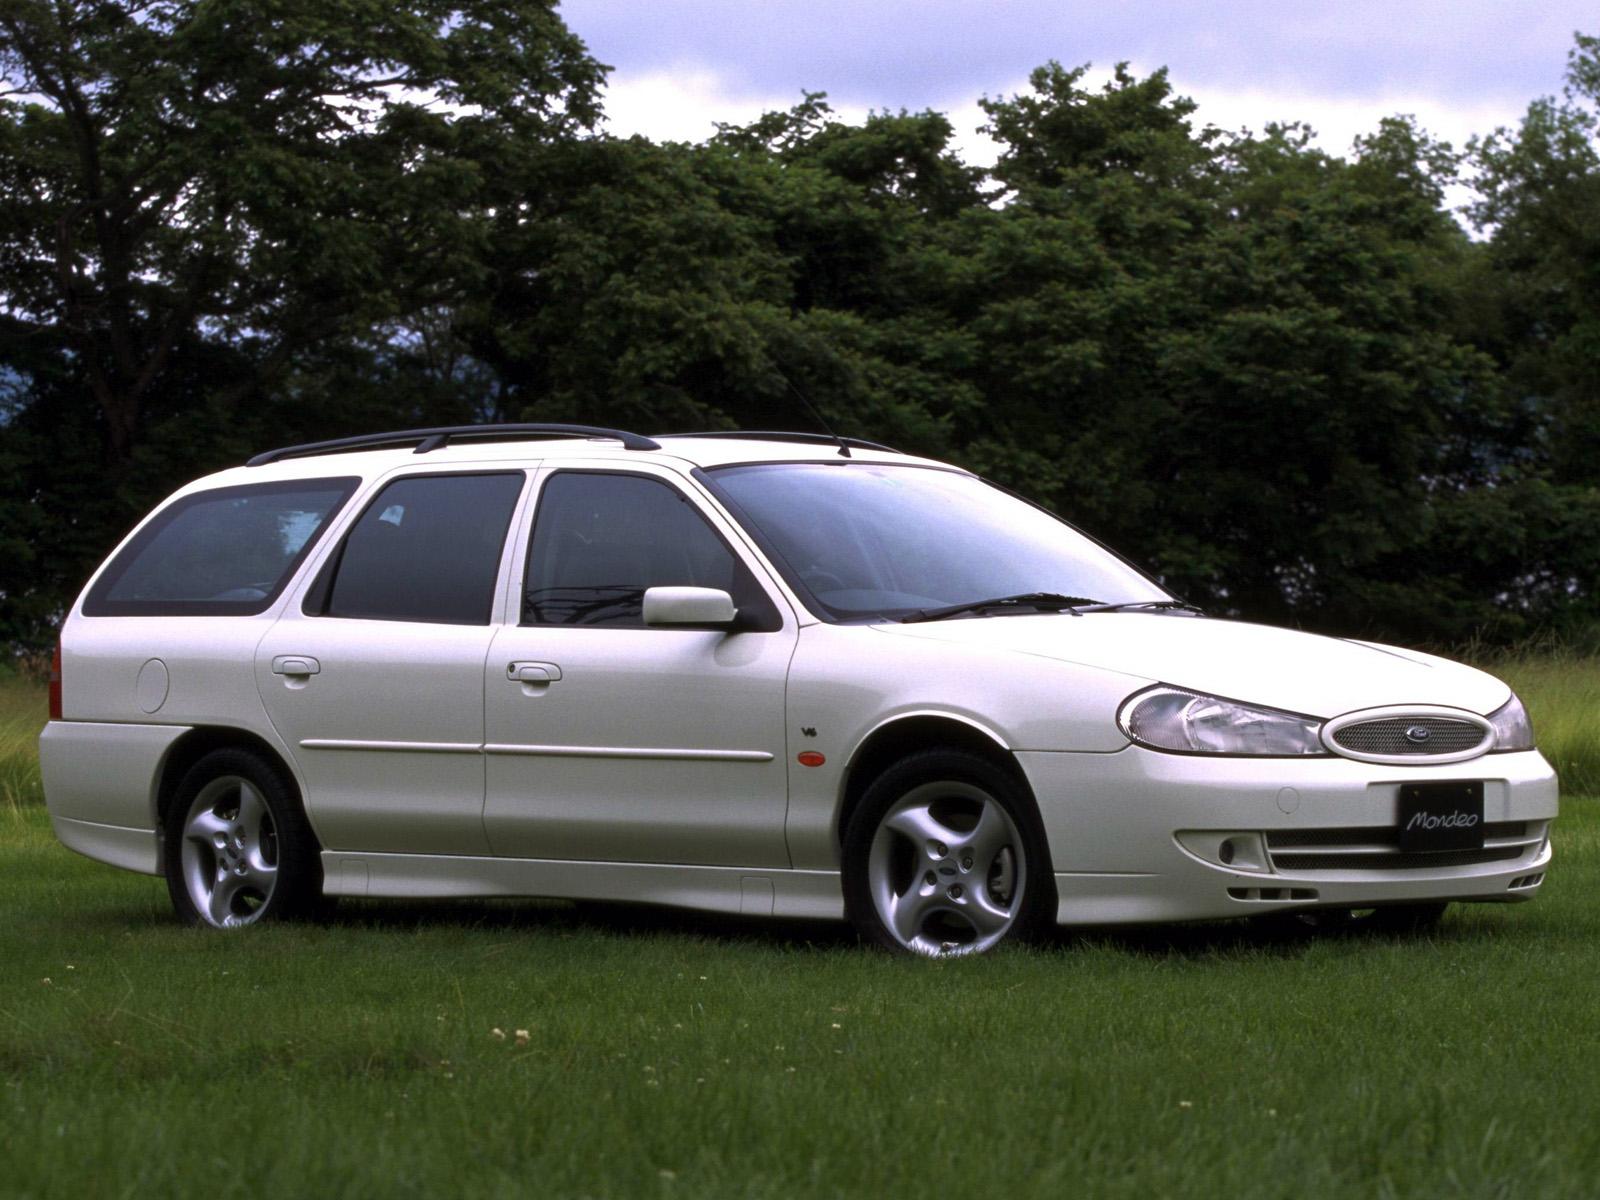 ford mondeo turnier japan 1996 2000 ford mondeo turnier japan 1996 2000 photo 01 car in. Black Bedroom Furniture Sets. Home Design Ideas